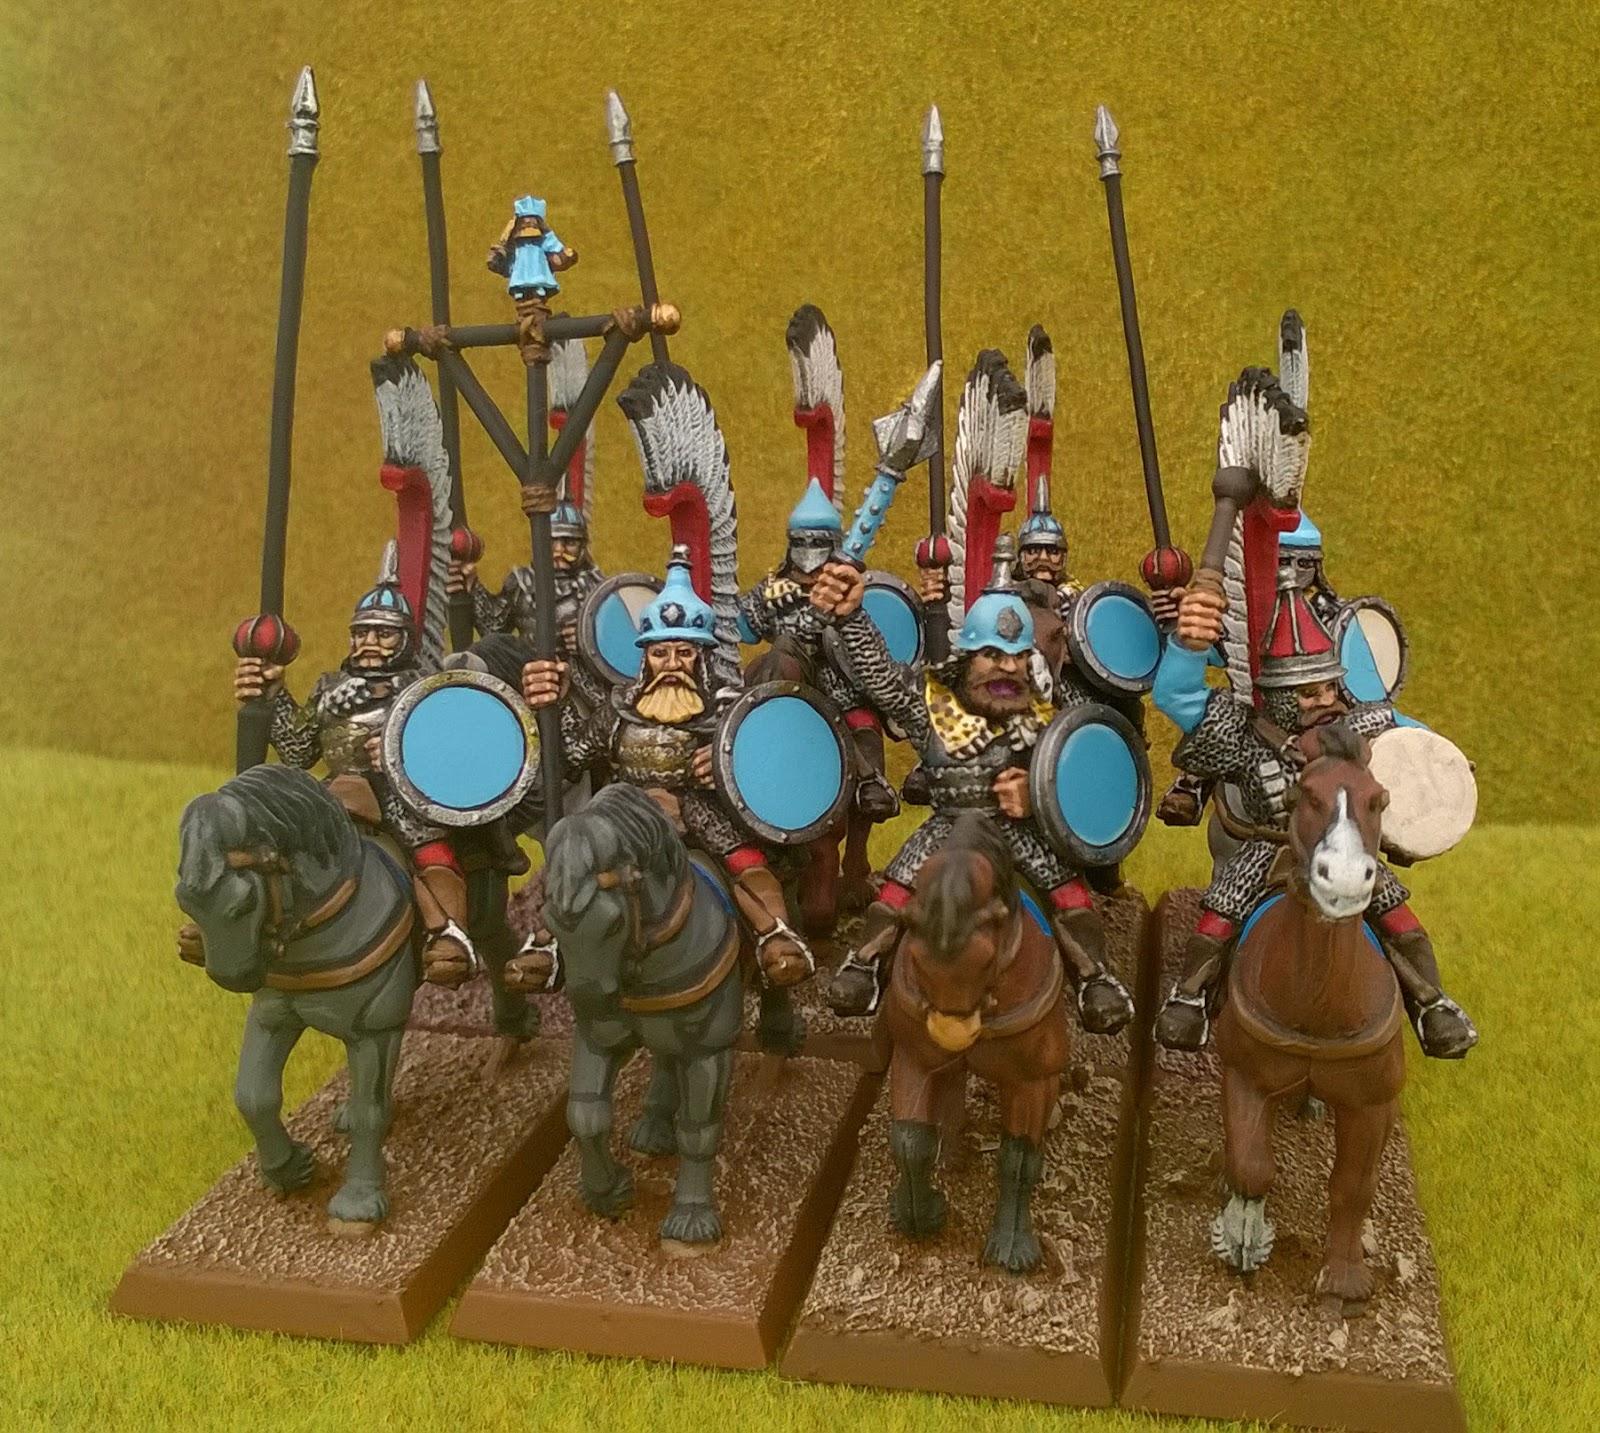 kislev - Army of Kislev WP_20160717_11_59_05_Pro